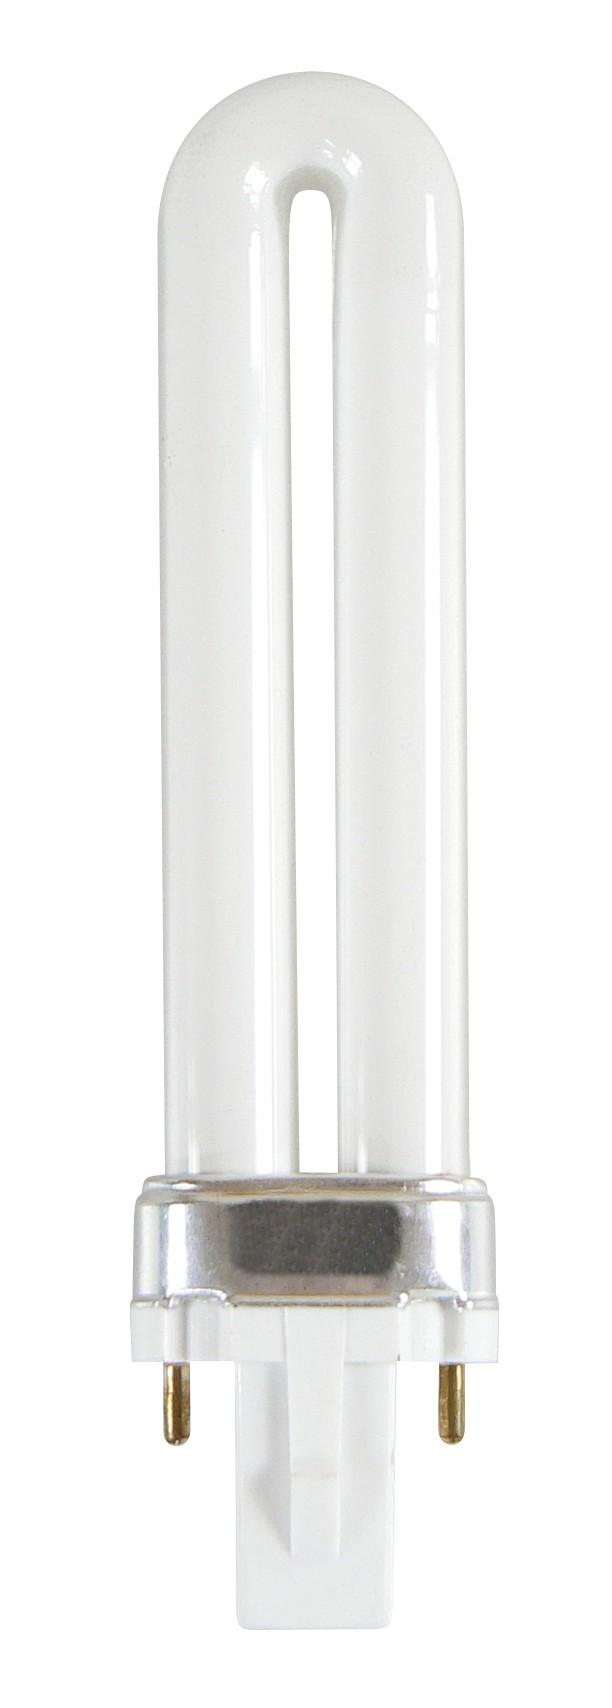 Zářivka PL-S 230V/9W ultrafialová (UV), patice G23